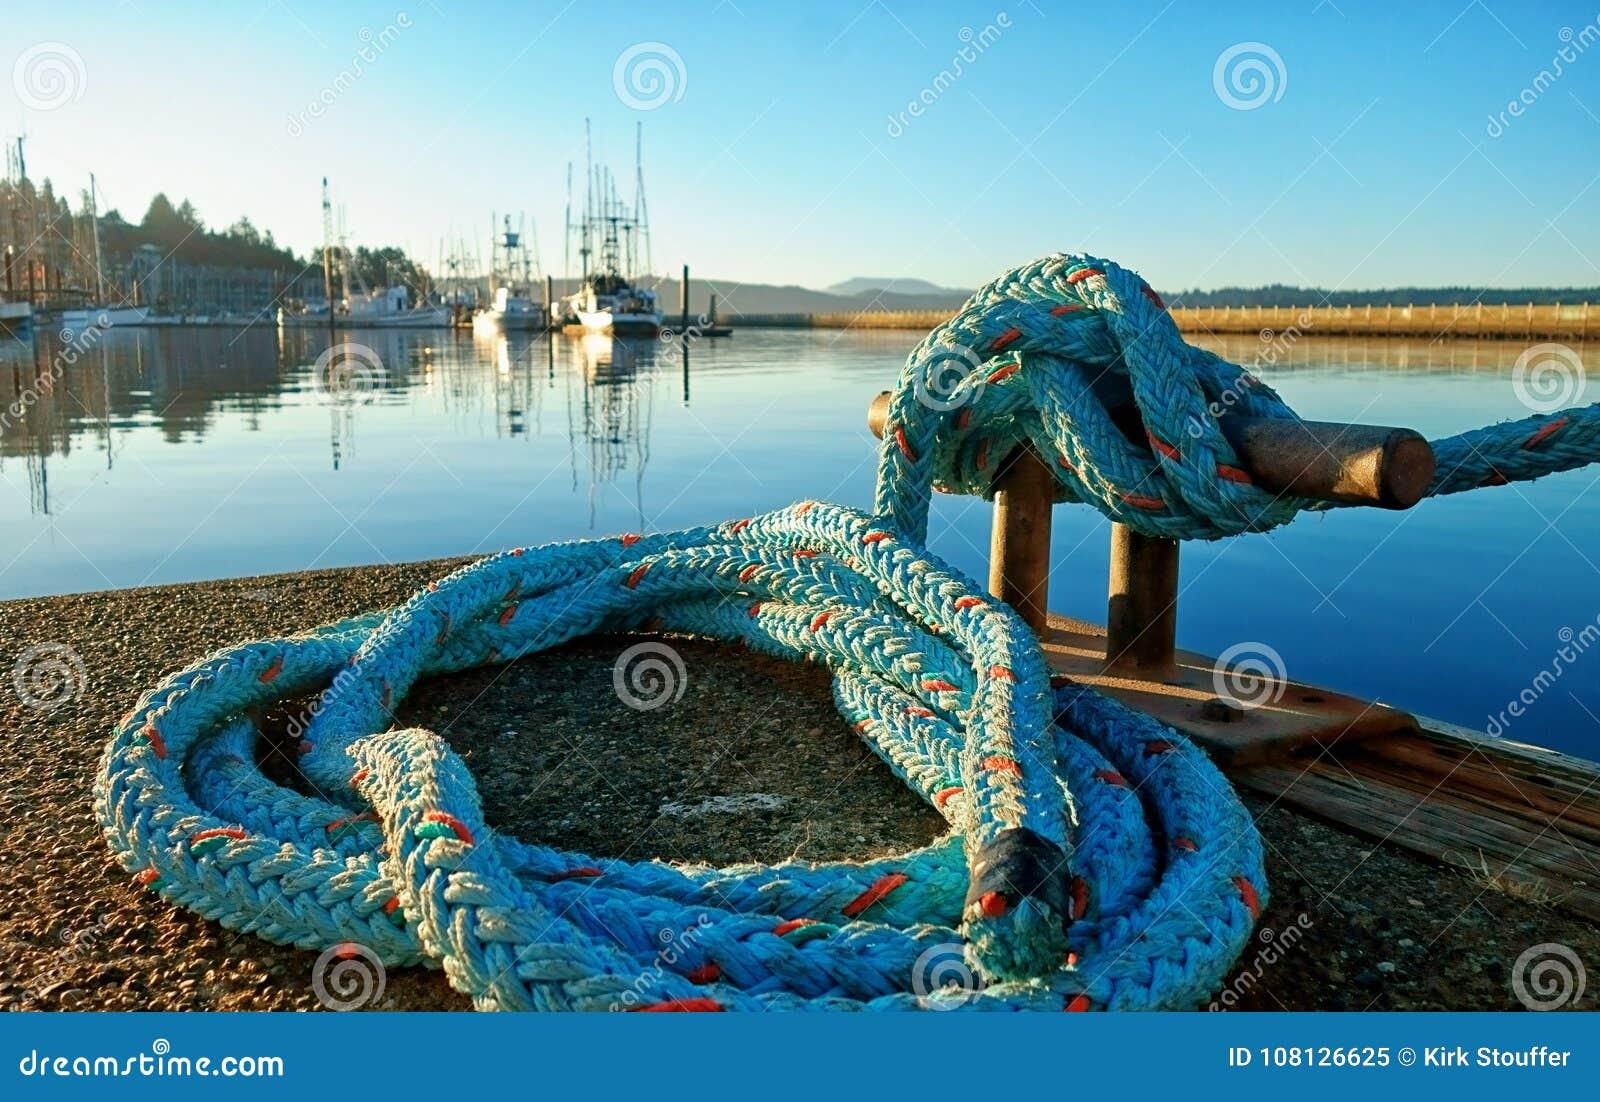 La corde en nylon bleue qui attache l arc d un bateau à un crampon a attaché à un dock